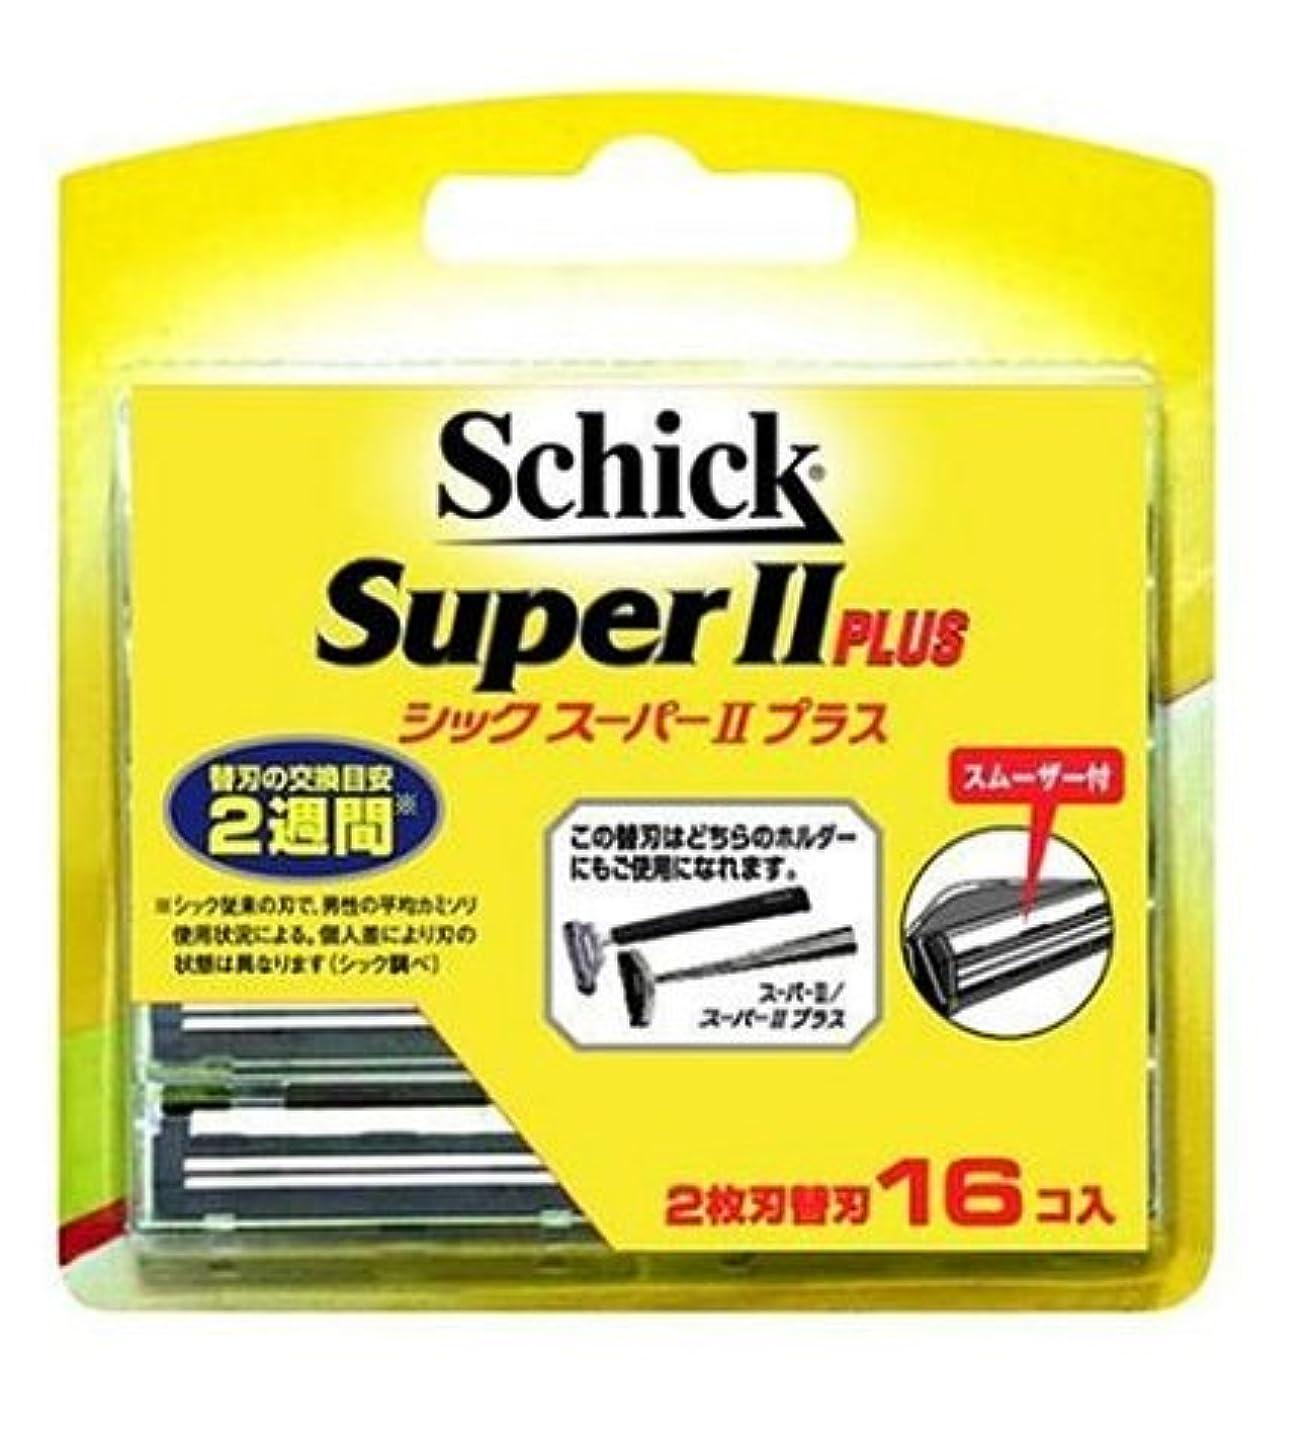 チャーミング決定的電気シック スーパーIIプラス 替刃16コ入り